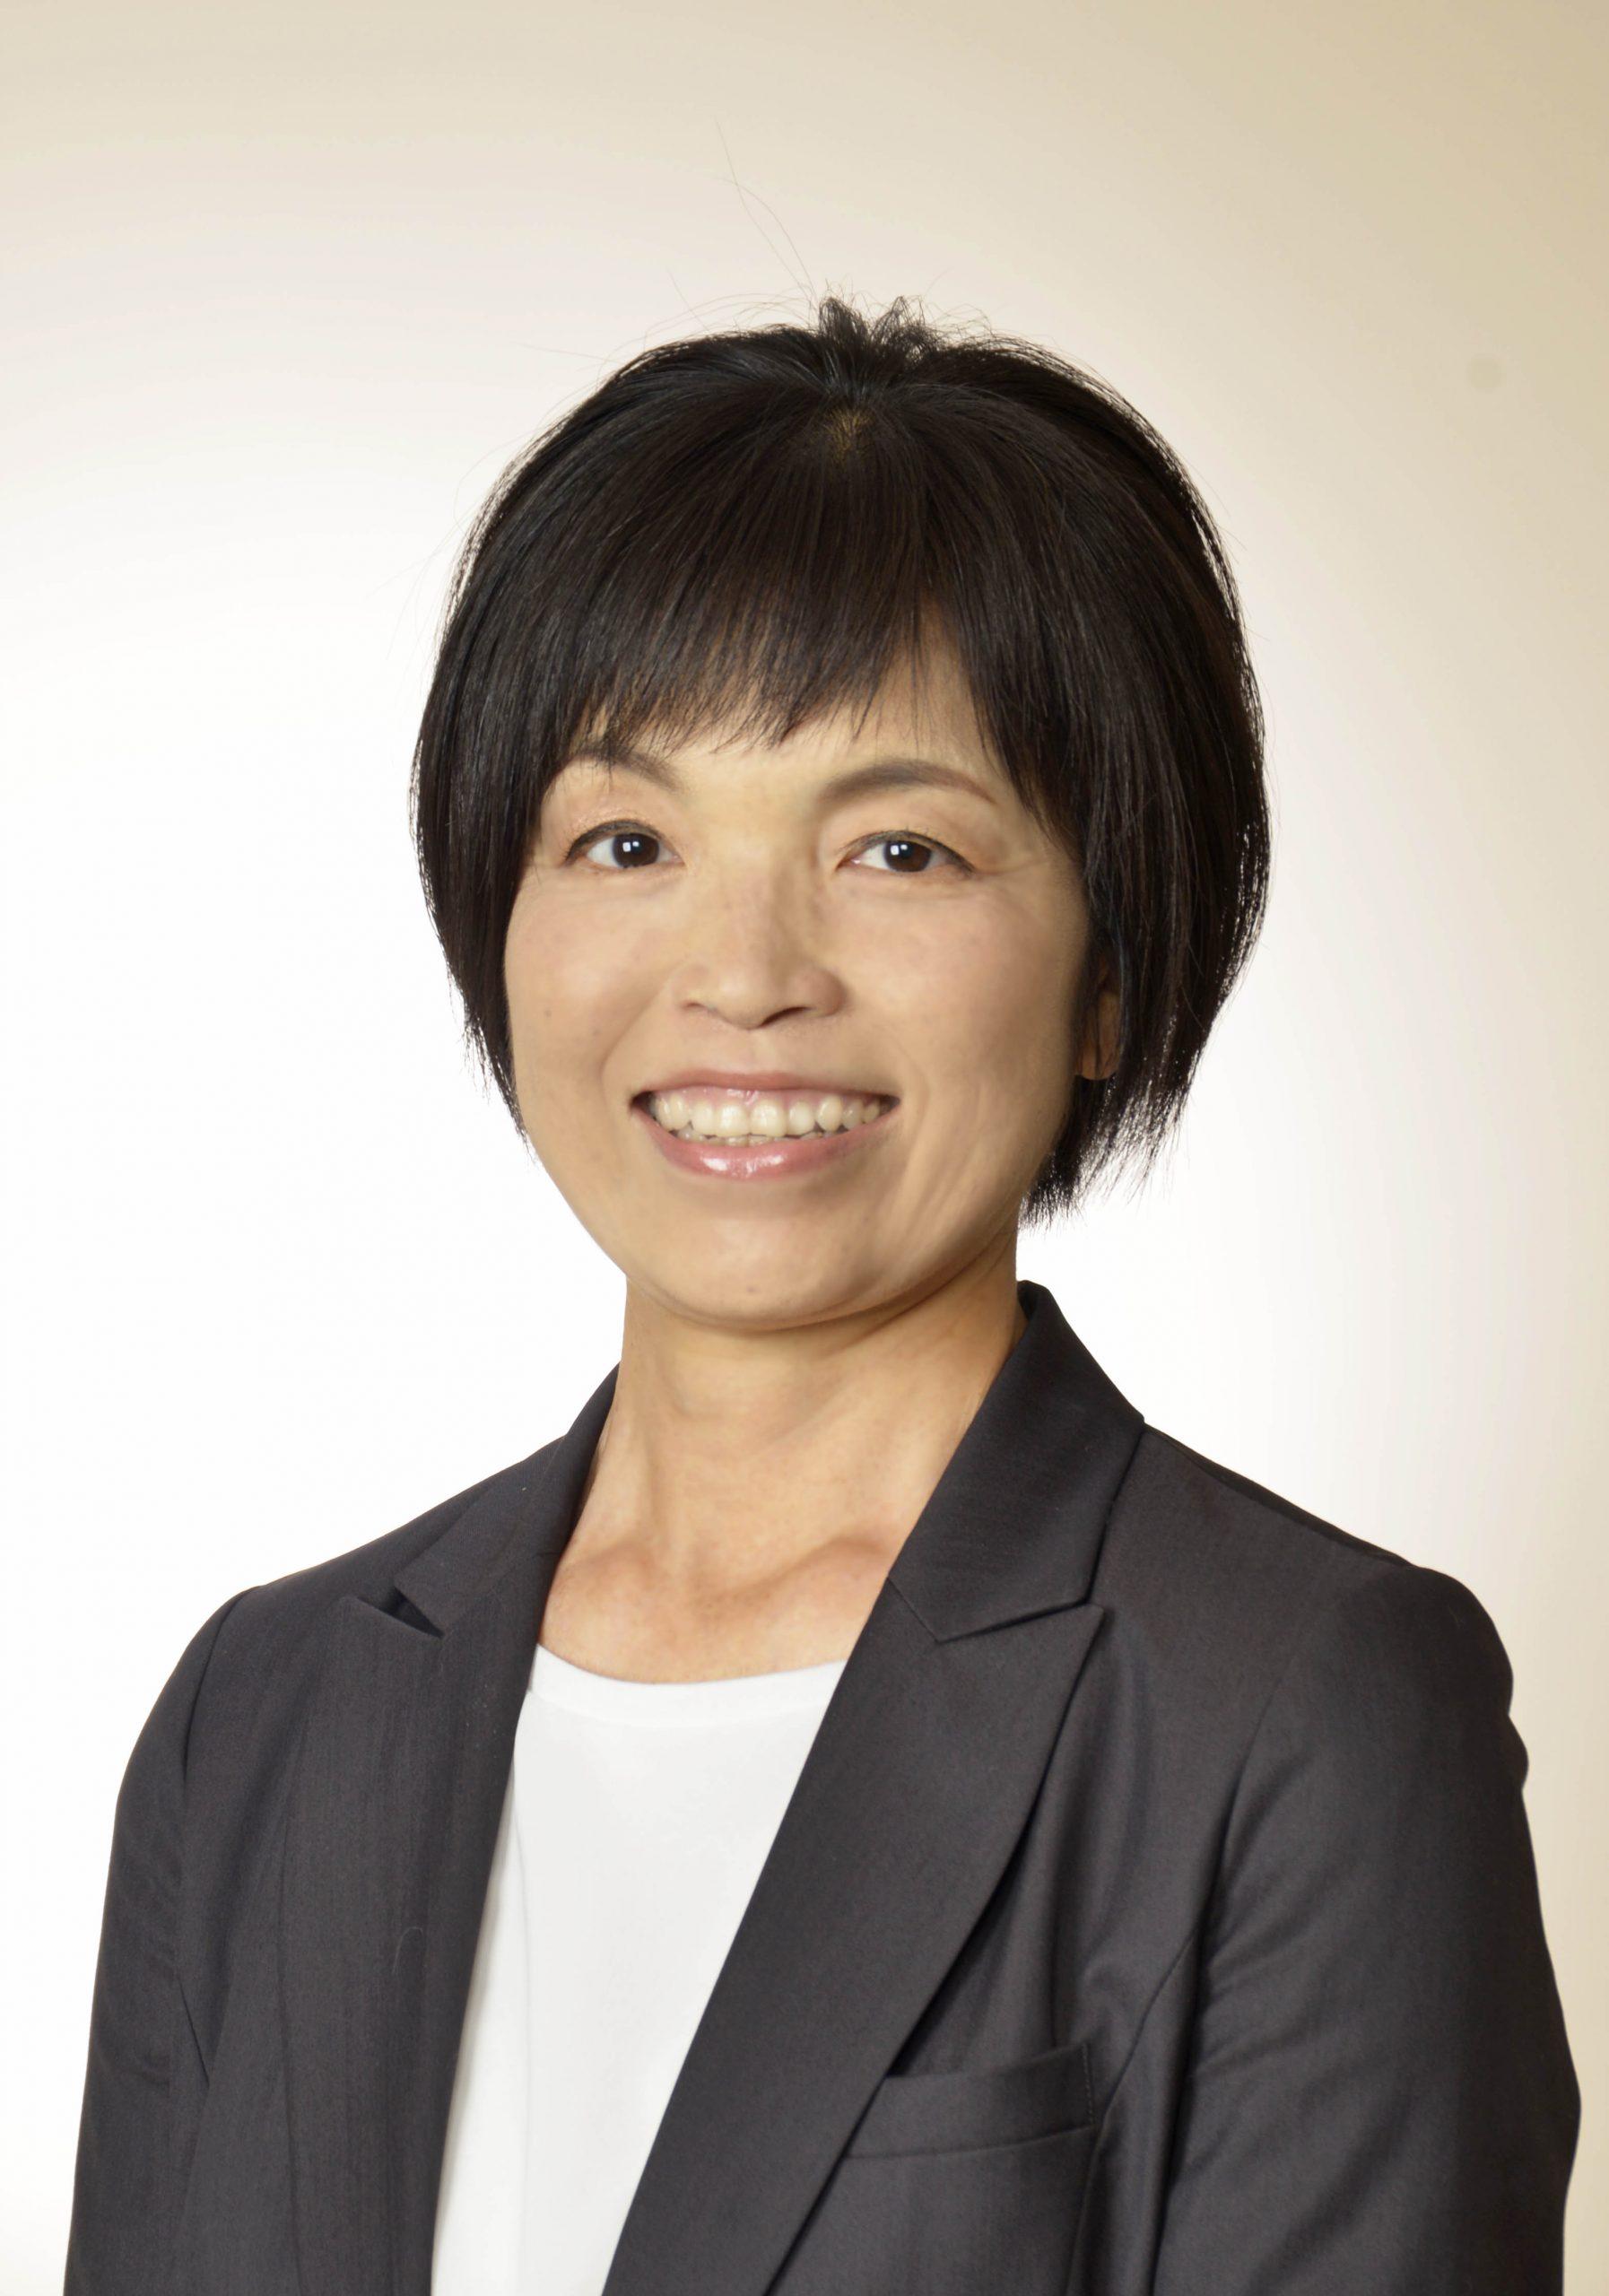 奈木 純子(なぎ じゅんこ